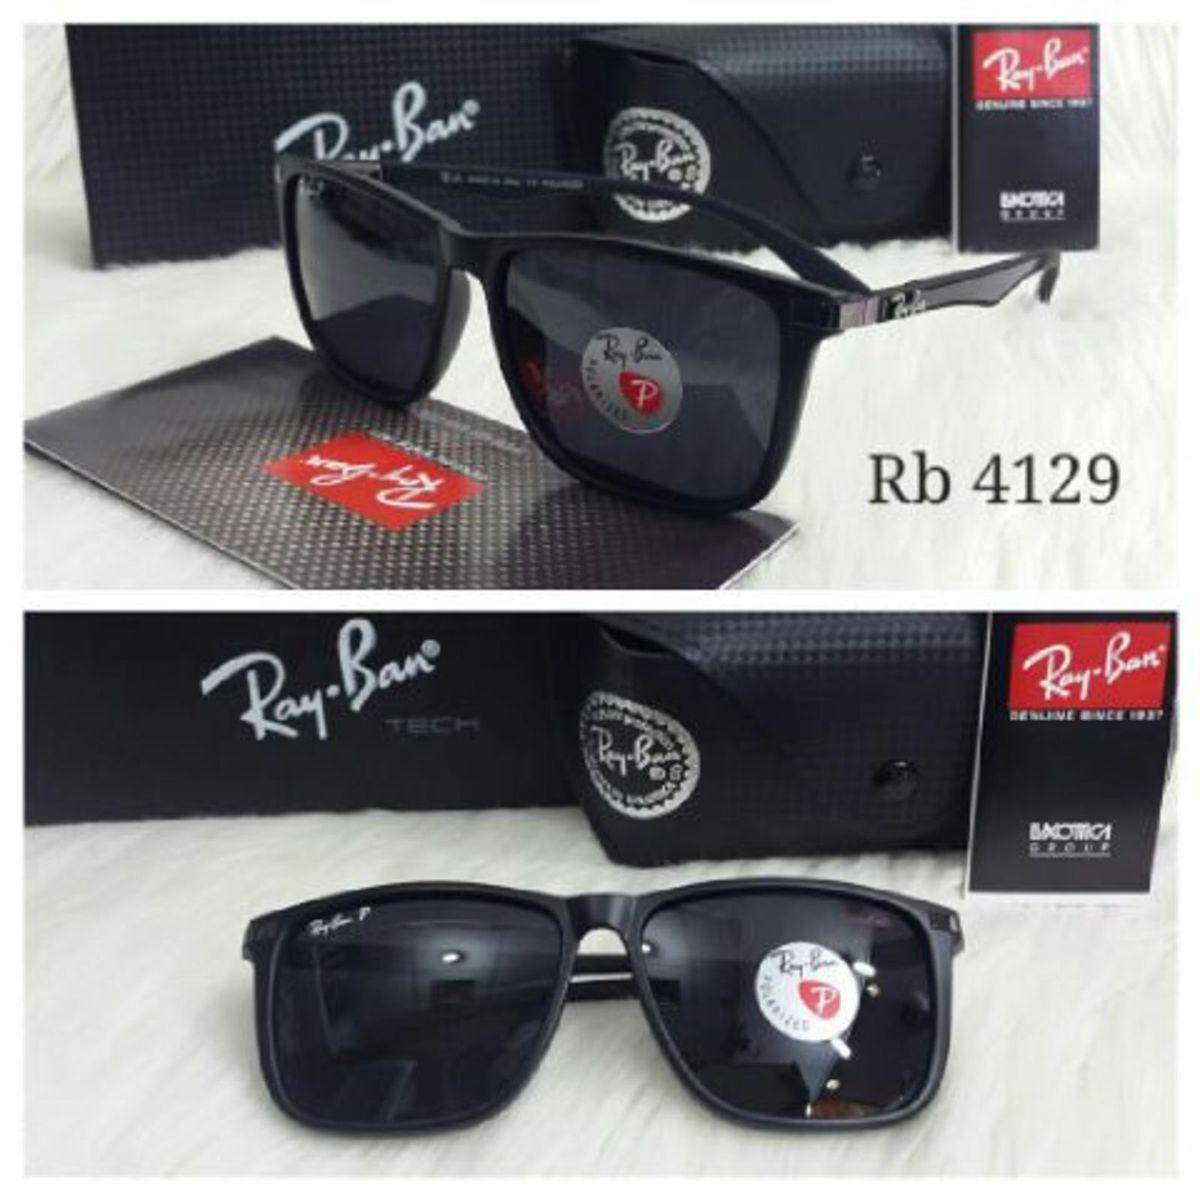 e6354cbe9 Ray Ban Carrera Rb 4129 | Óculos Masculino Ray Ban Nunca Usado 24796427 |  enjoei